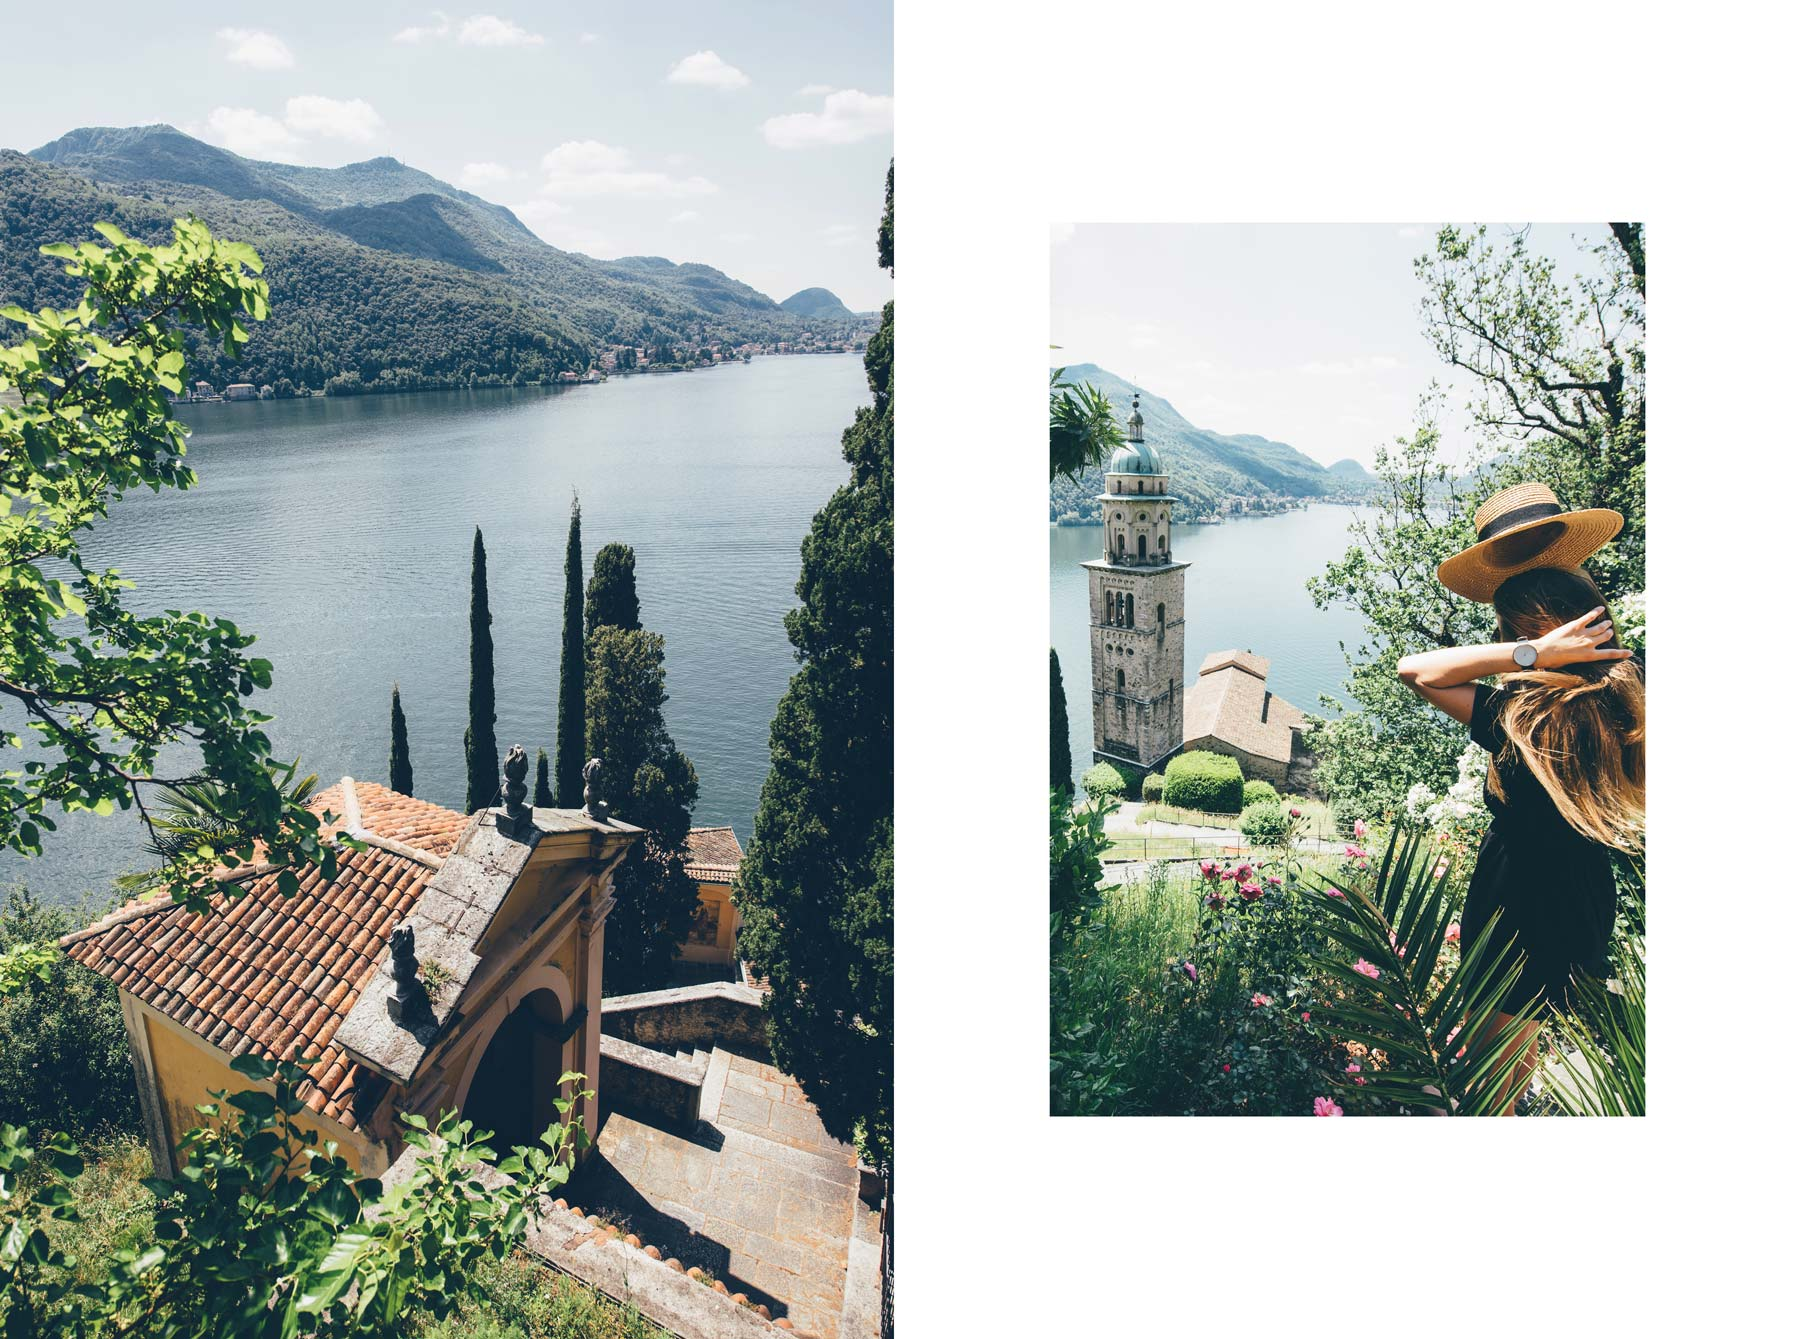 Plus beau village de Suisse: Morcote